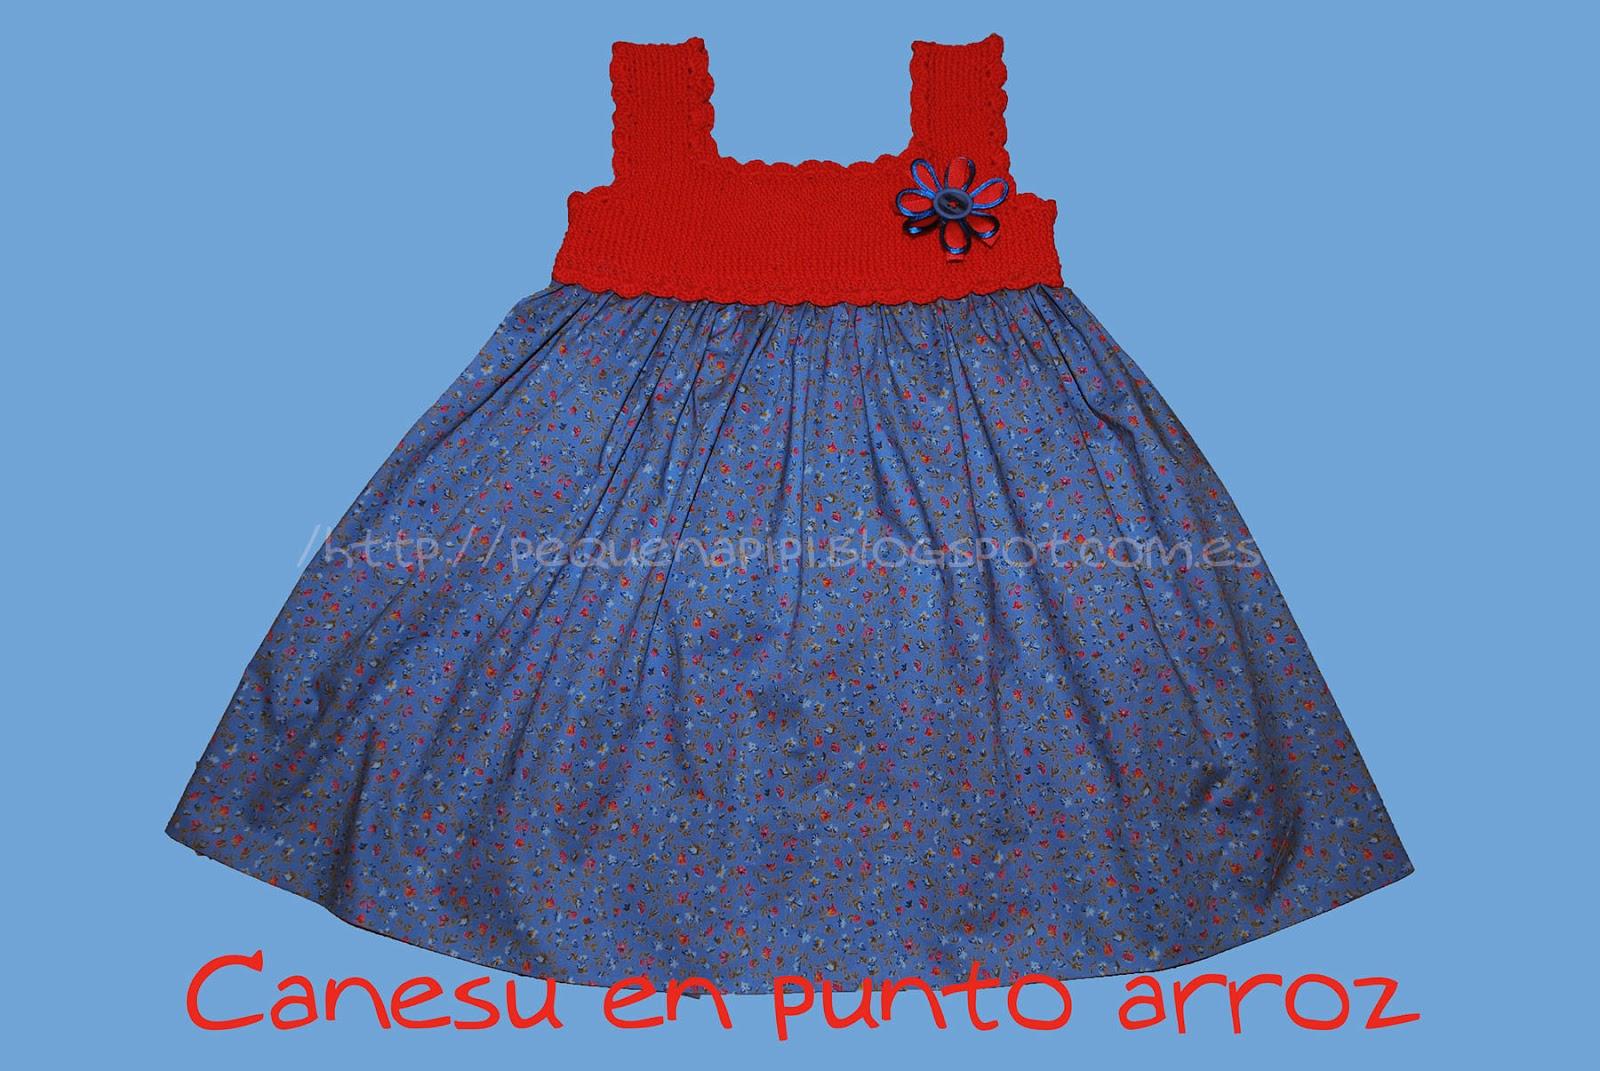 vestido - Vestido con canesu de punto arroz DSC_0257